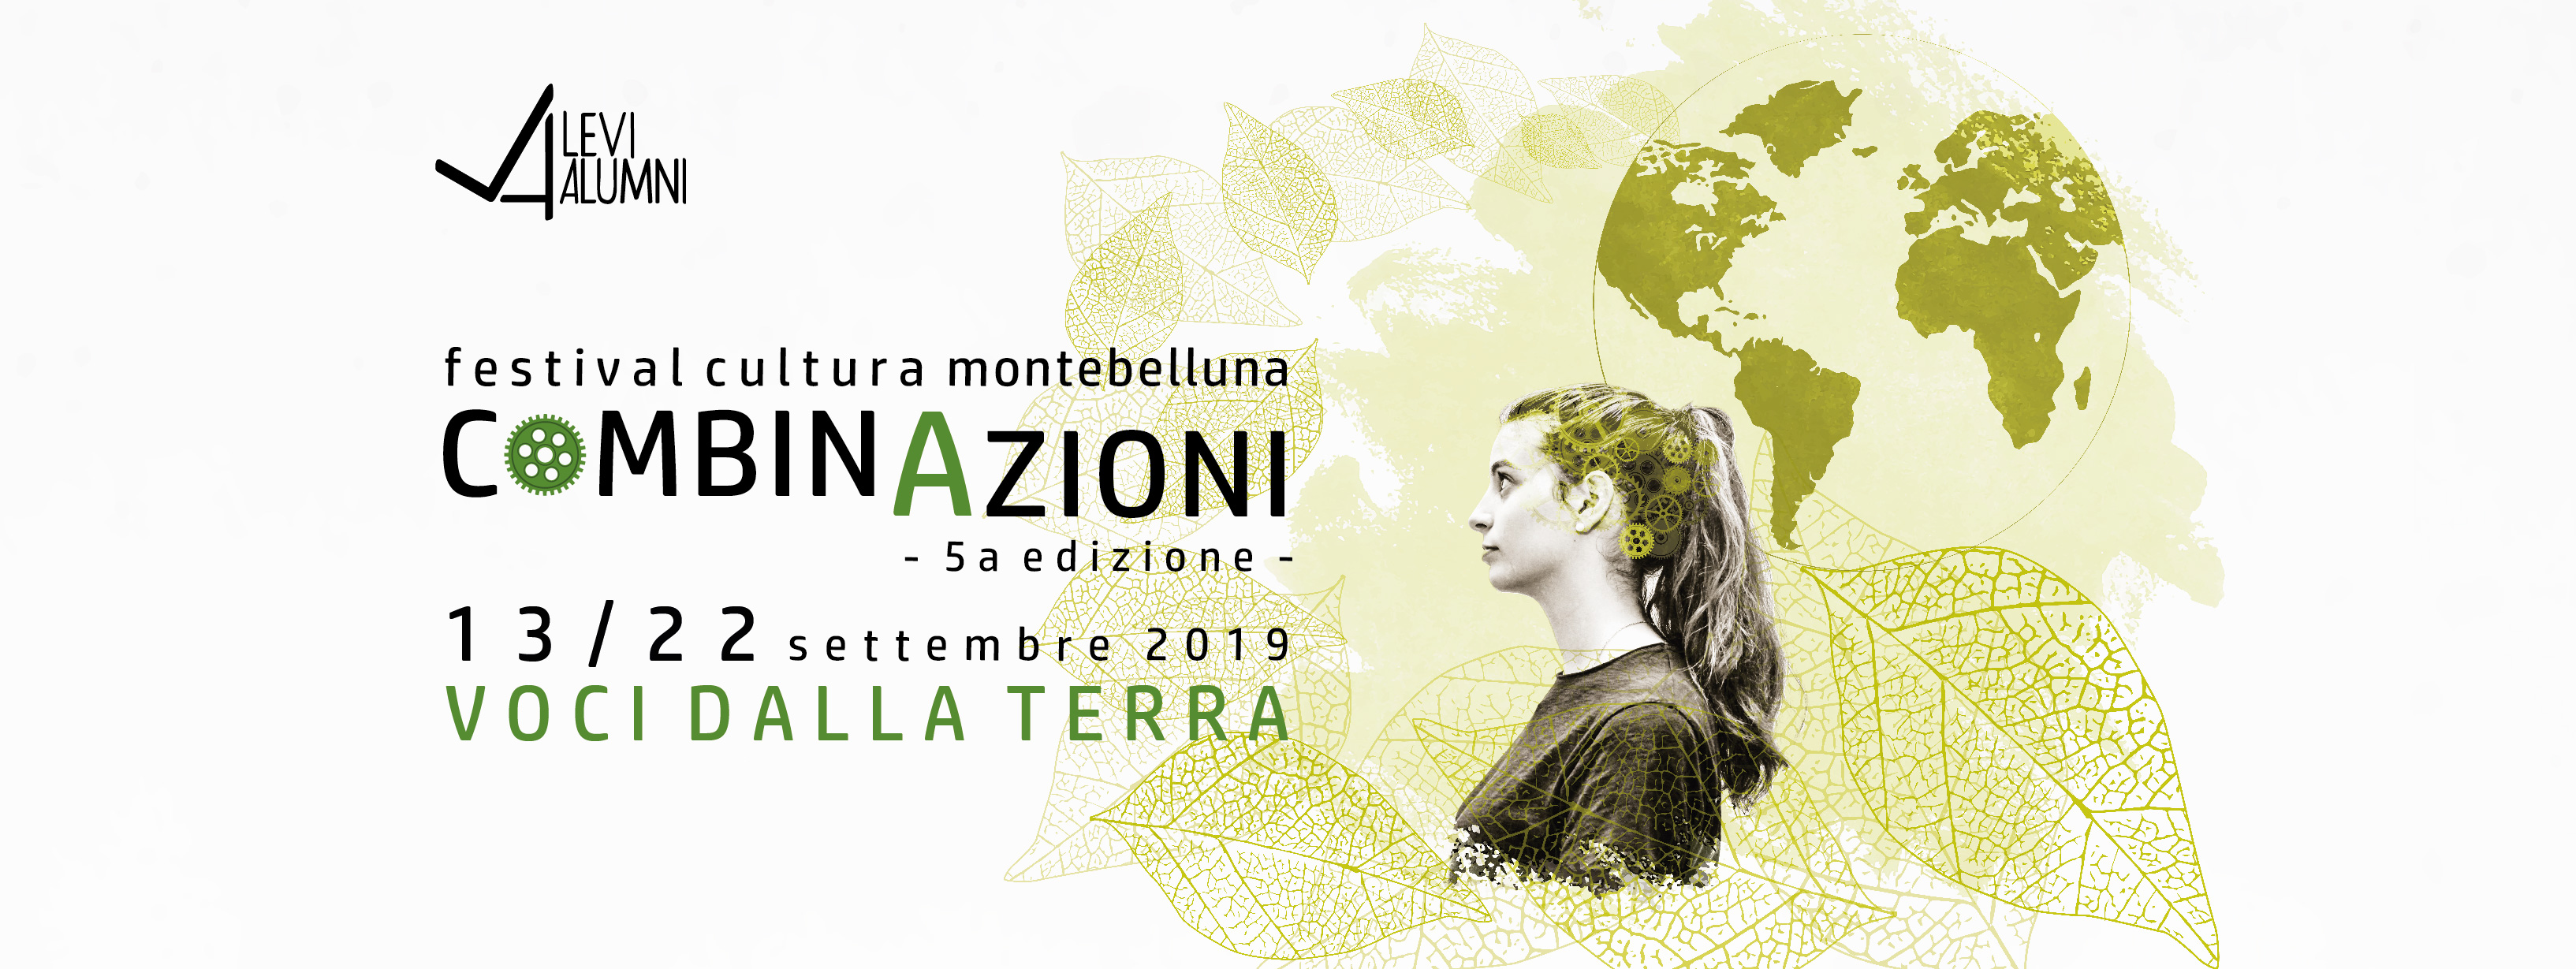 Festival CombinAzioni 2019, Montebelluna